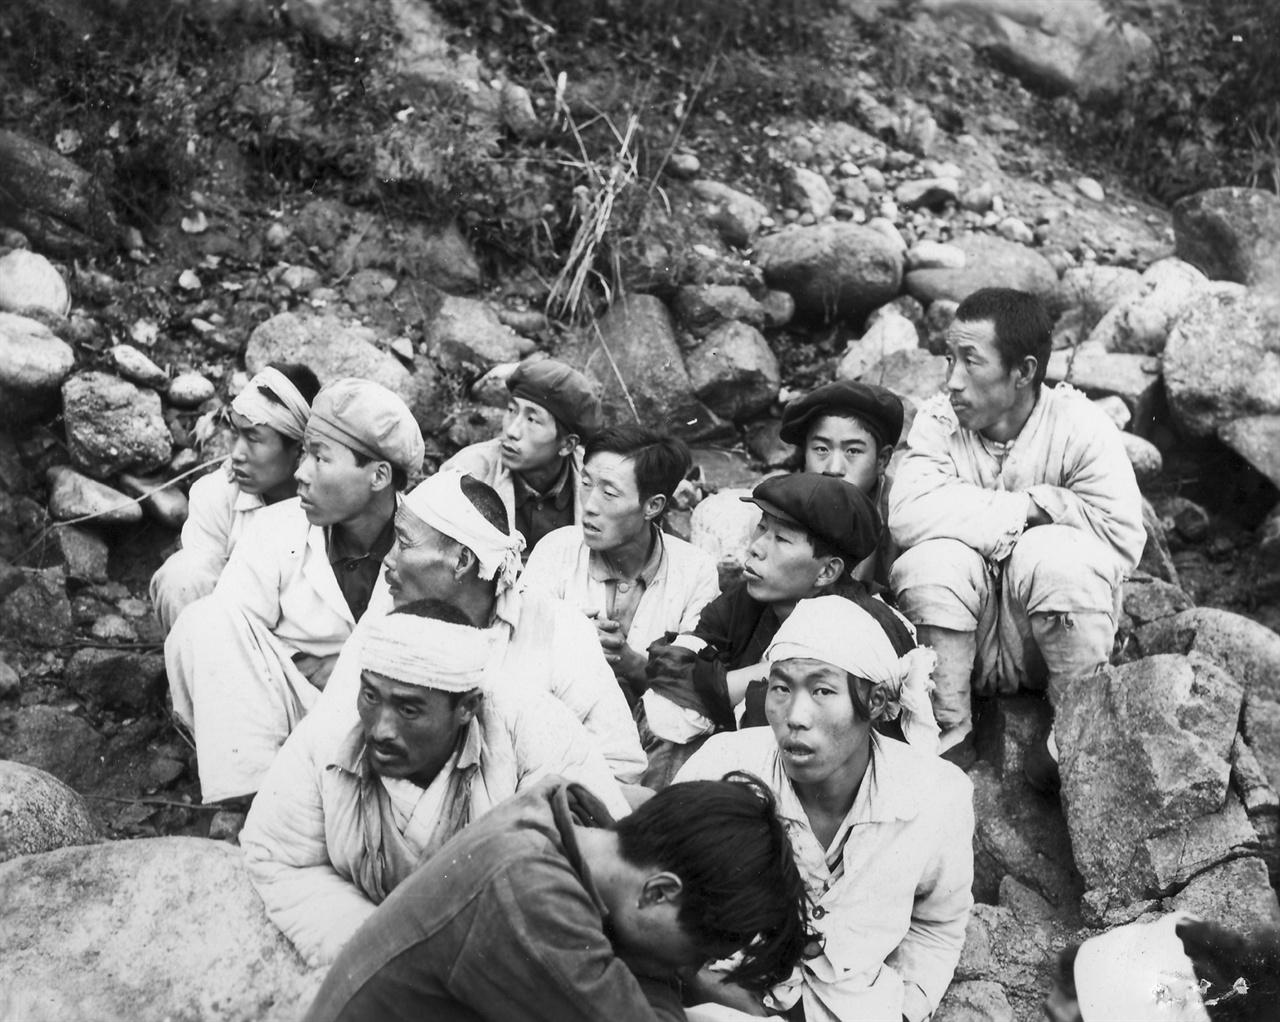 부역 혐의가 짙다며 체포된 주민들(1950. 11. 4.).